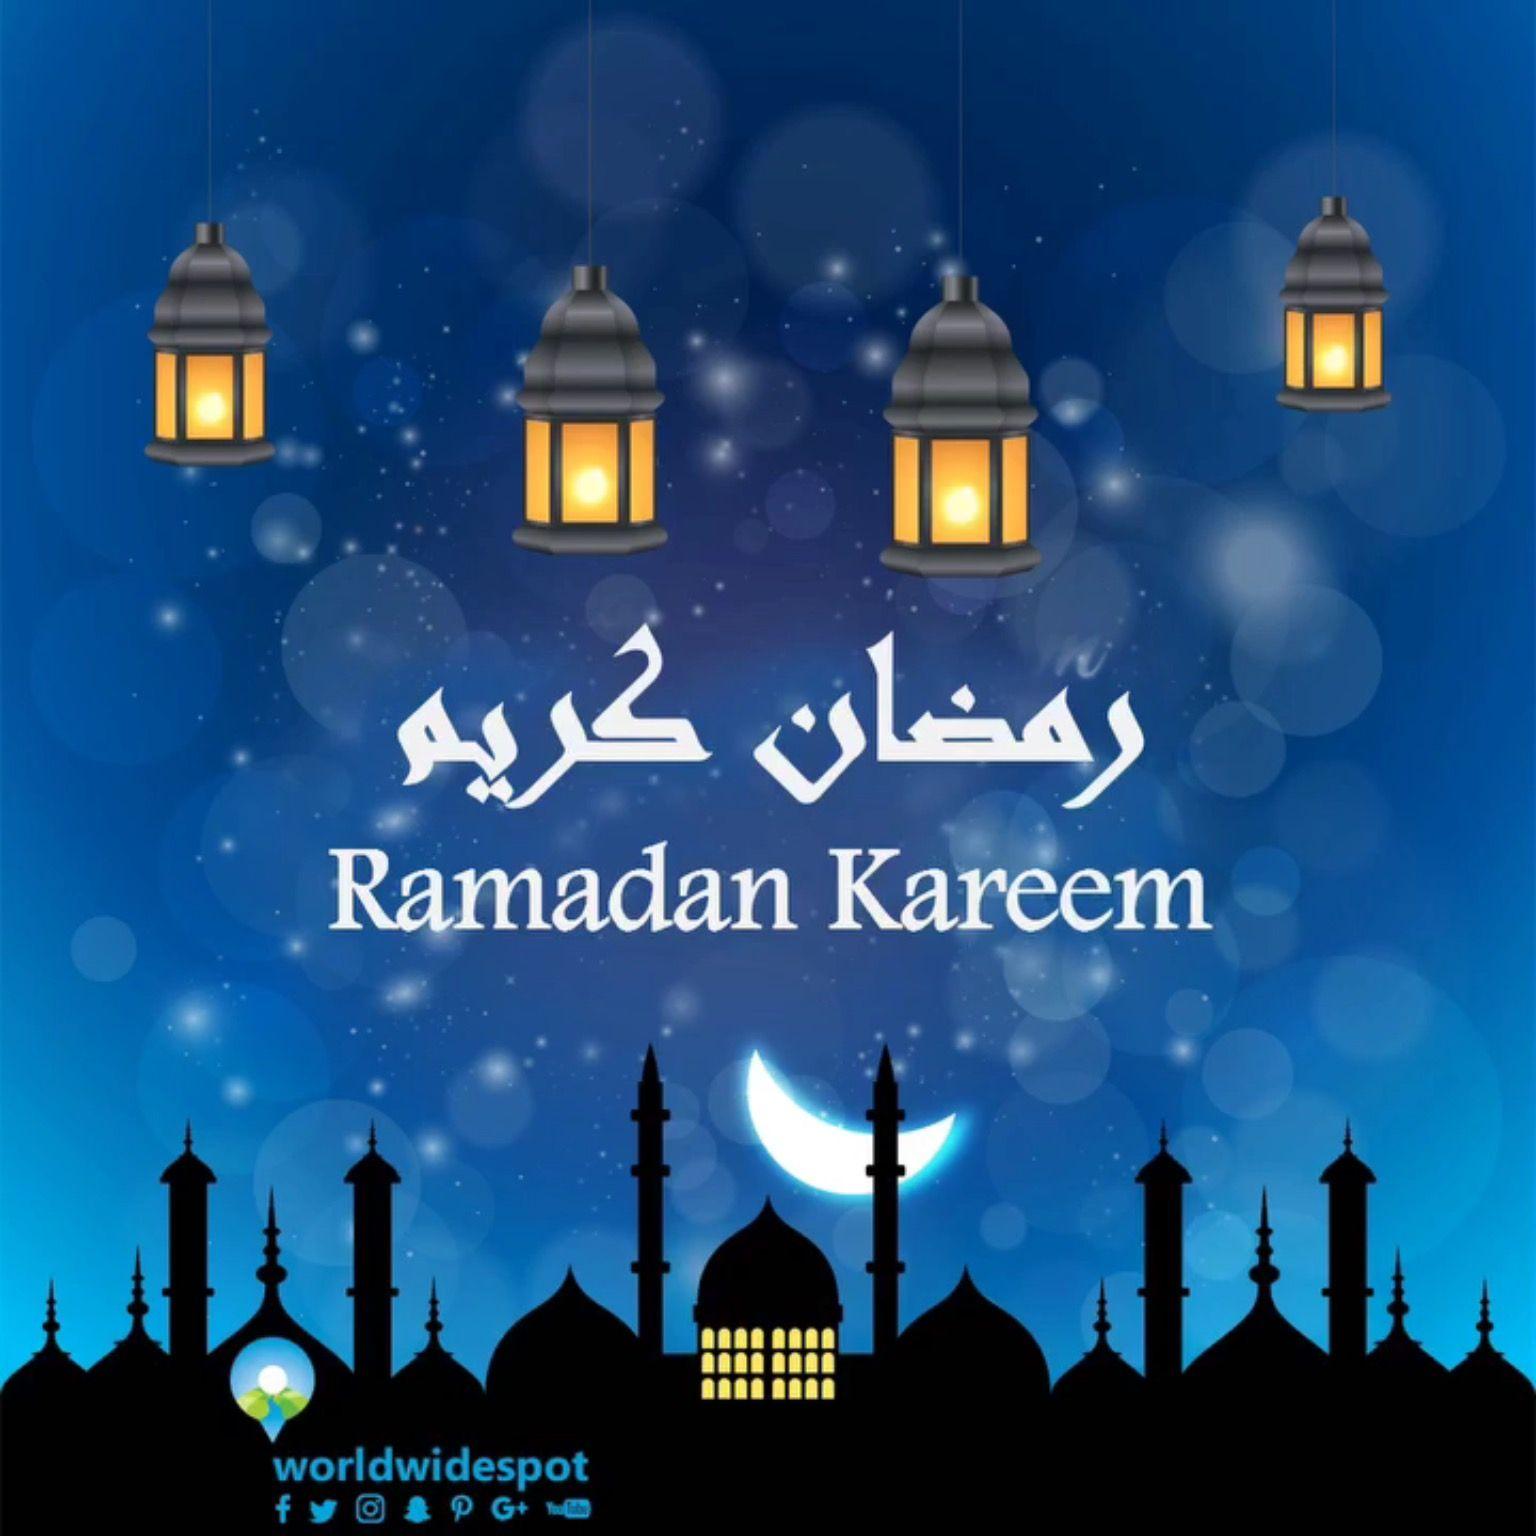 مبارك عليكم الشهر وكل عام وأنتم بخير رمضان كريم رمضان يجمعنا Ramadan Mubarak Wishing You A Blessed Month Ahead Ramadan Ramadan Instagram Posts Ramadan Kareem